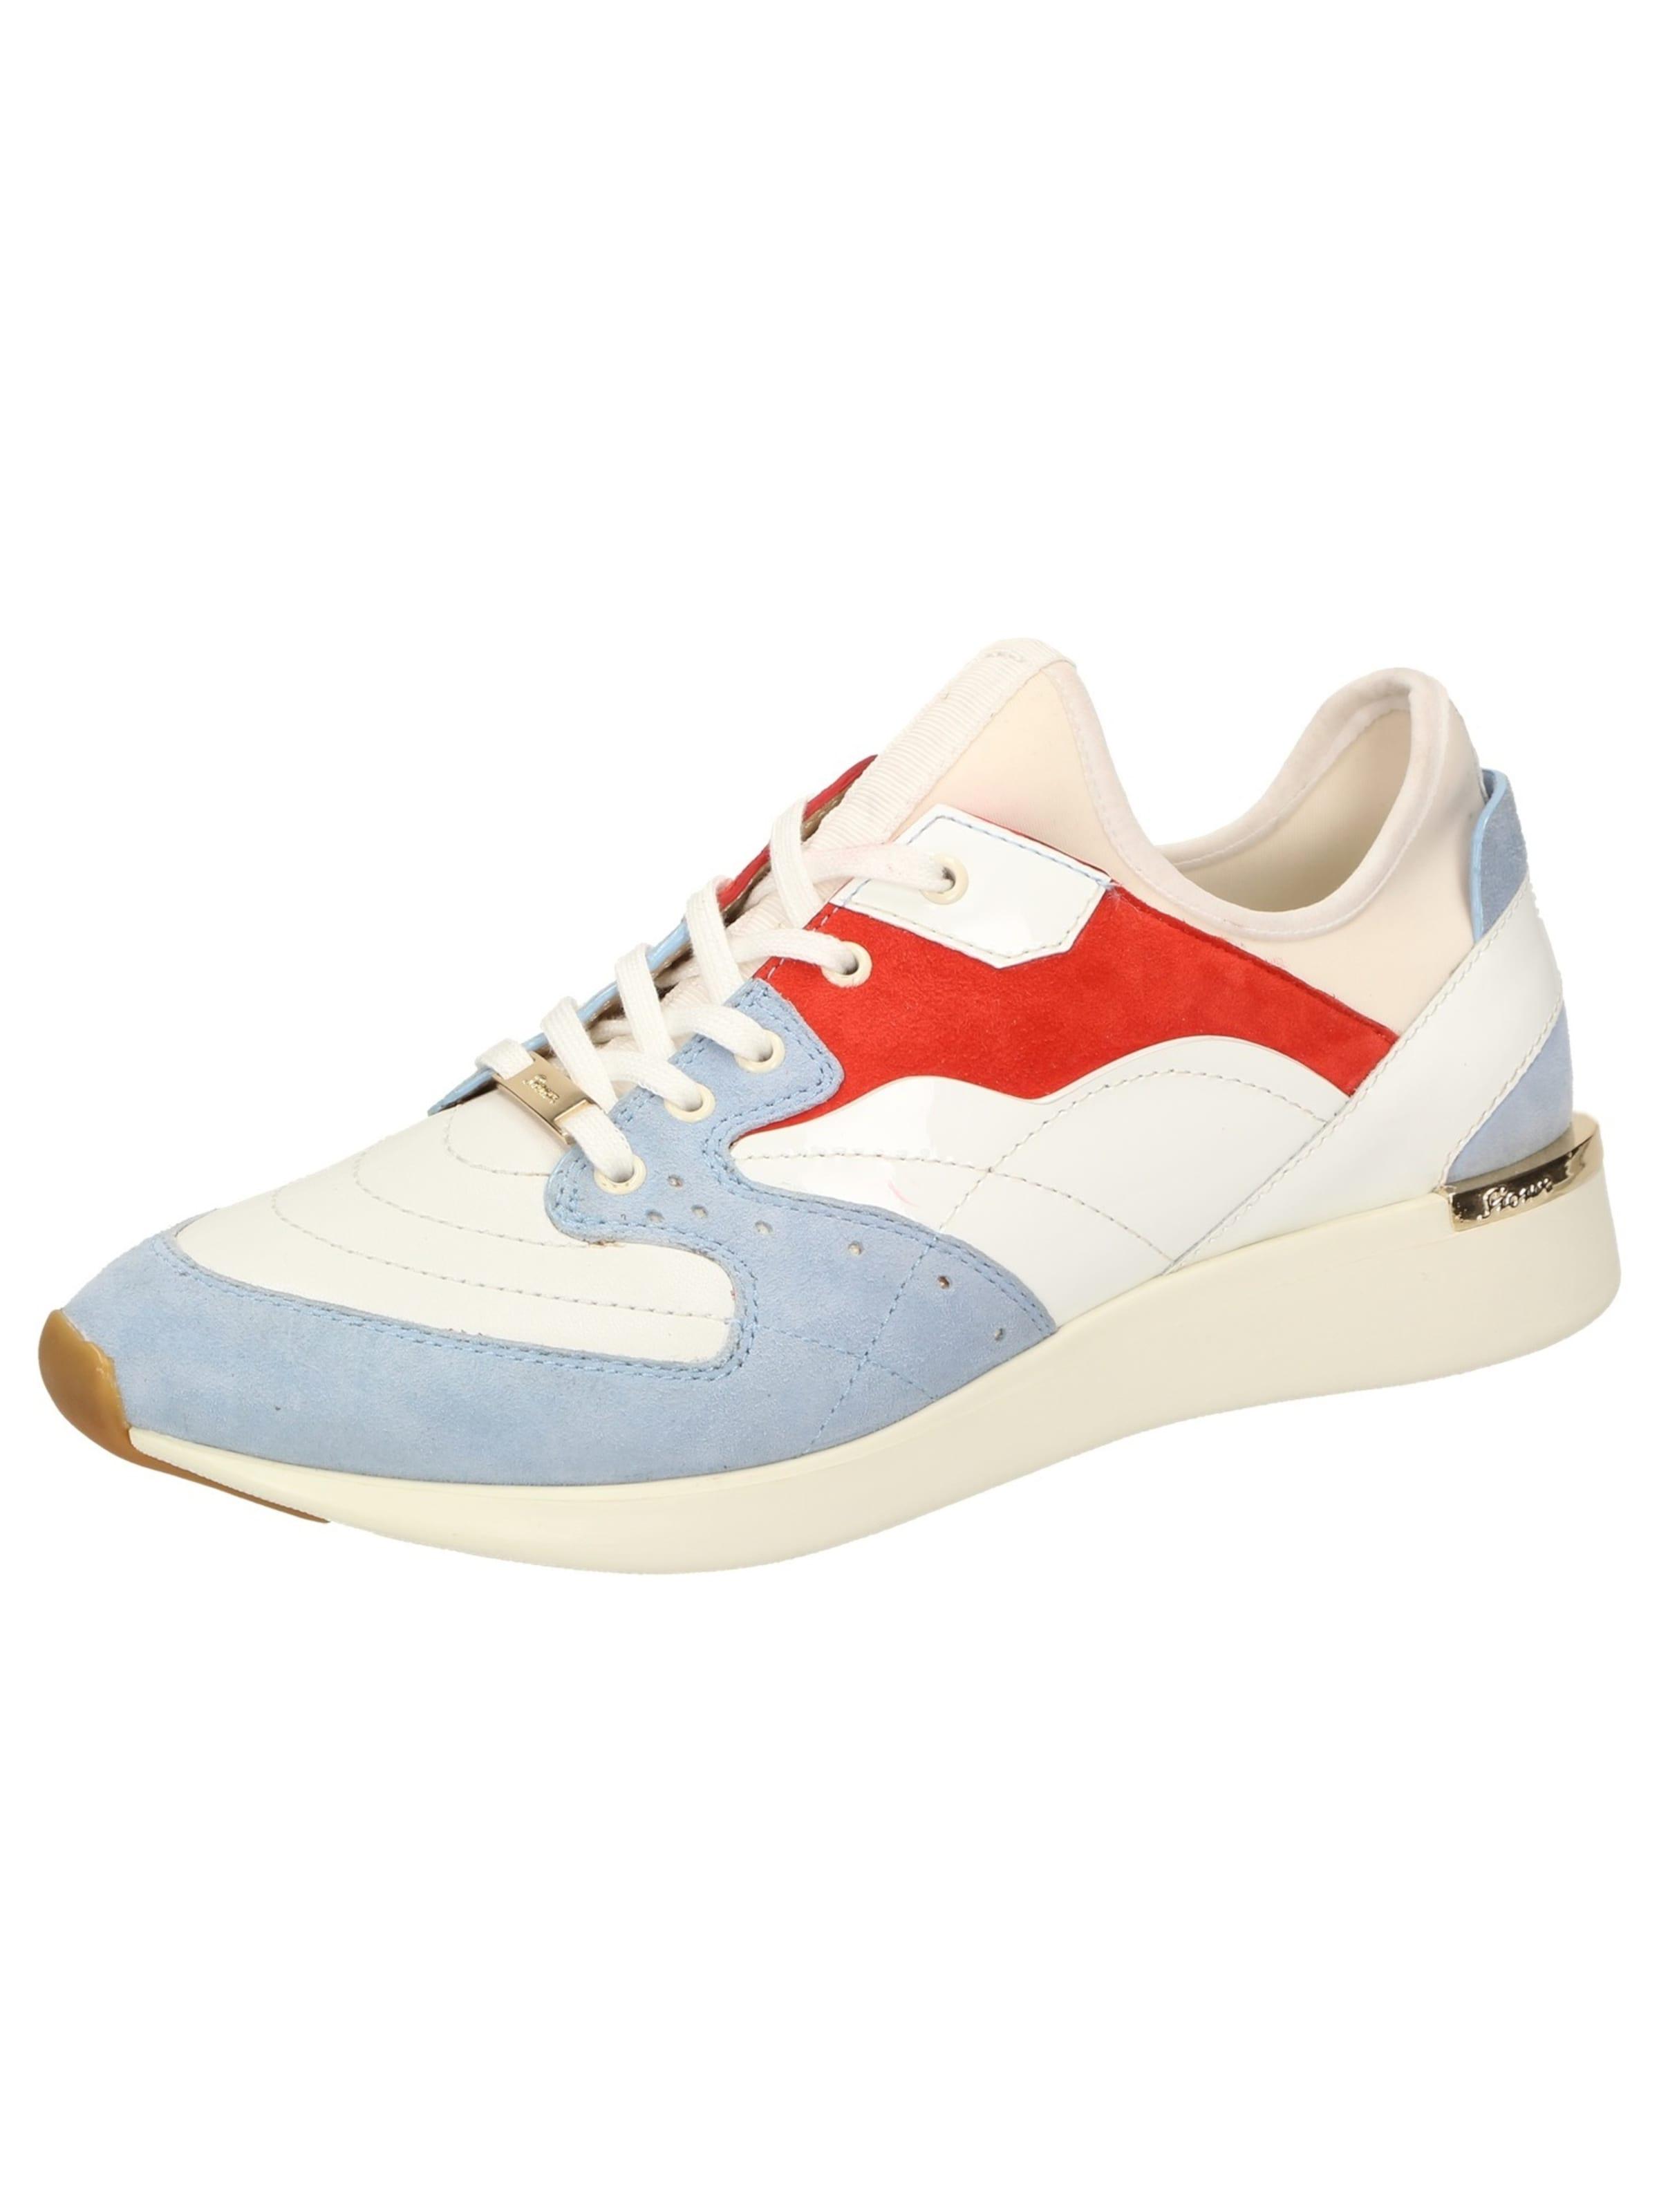 Sneaker Weiß Sioux HellblauHellrot 'malosika 702' In K31J5cFuTl